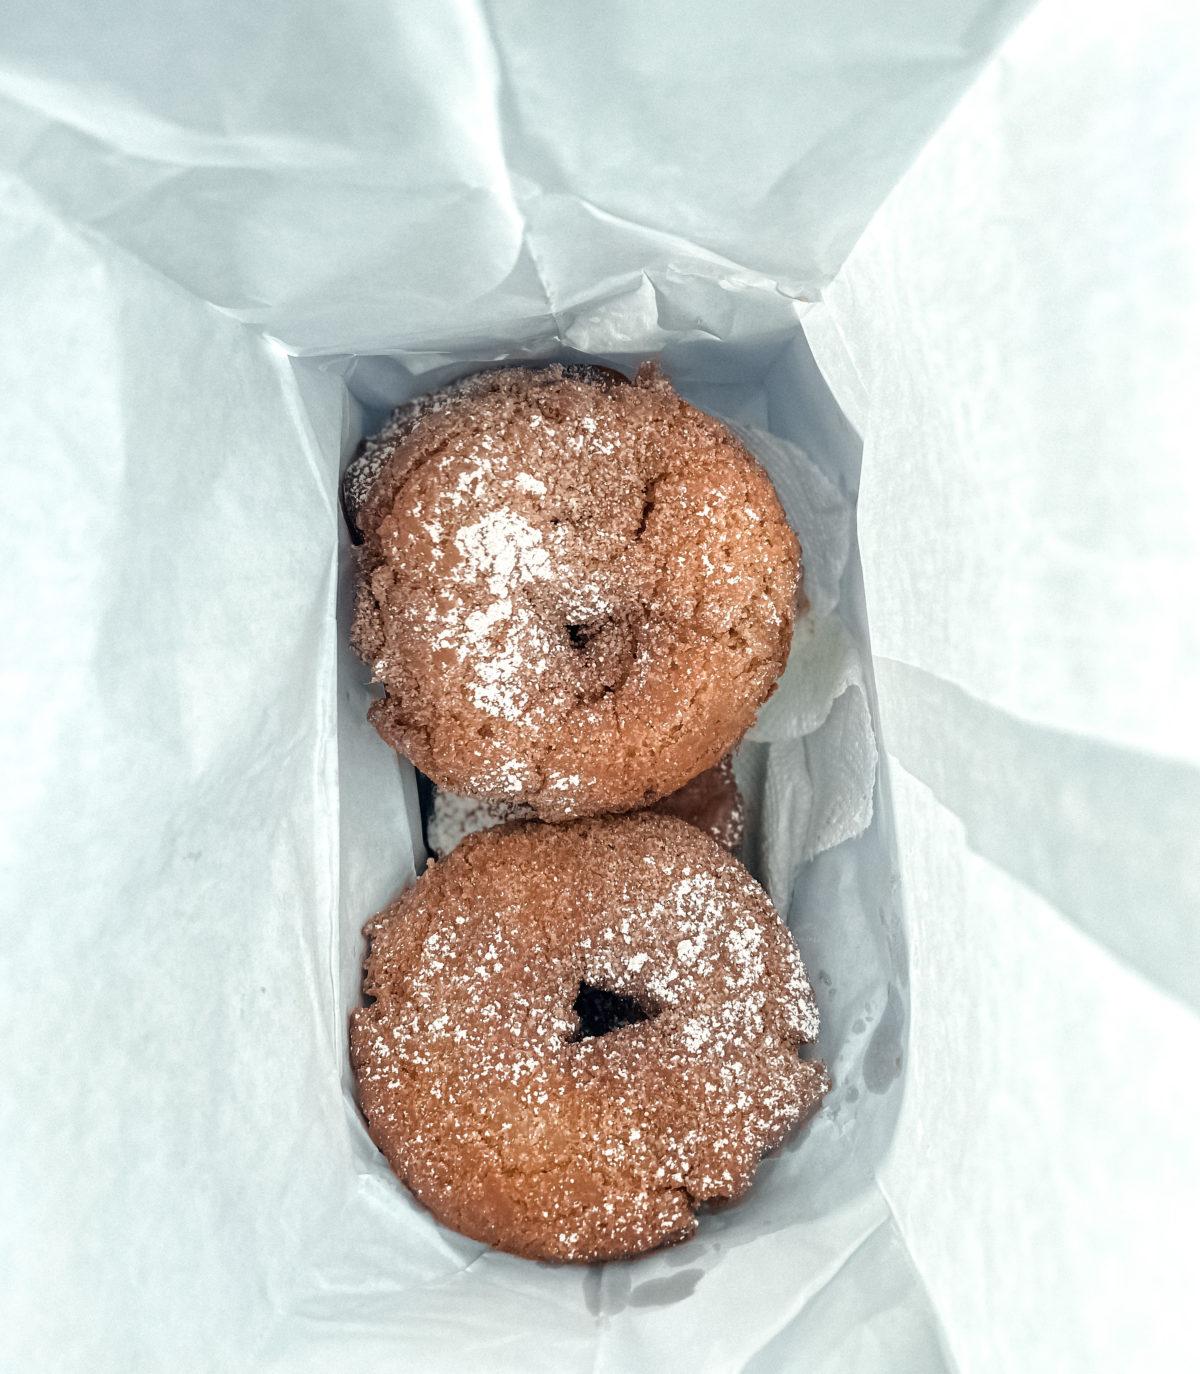 Doughnuts in a bag